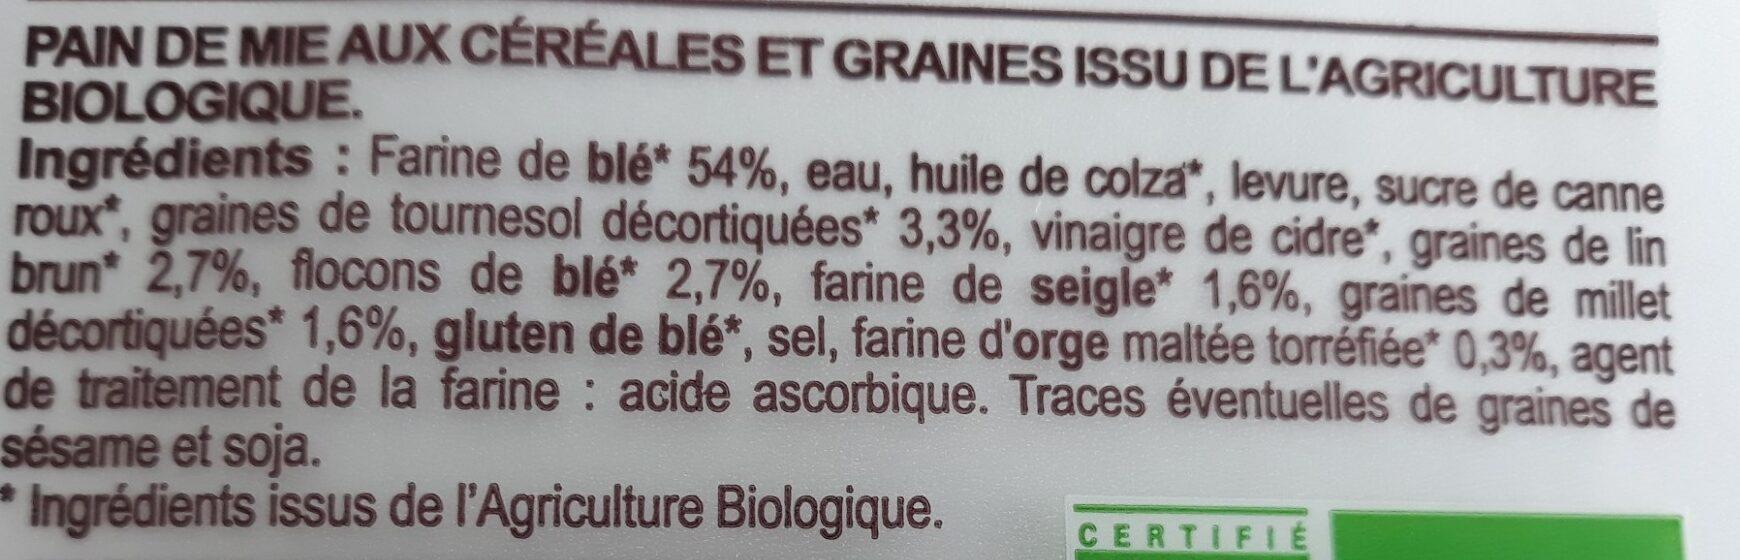 Pain de mie céréales graines - Ingrediënten - fr